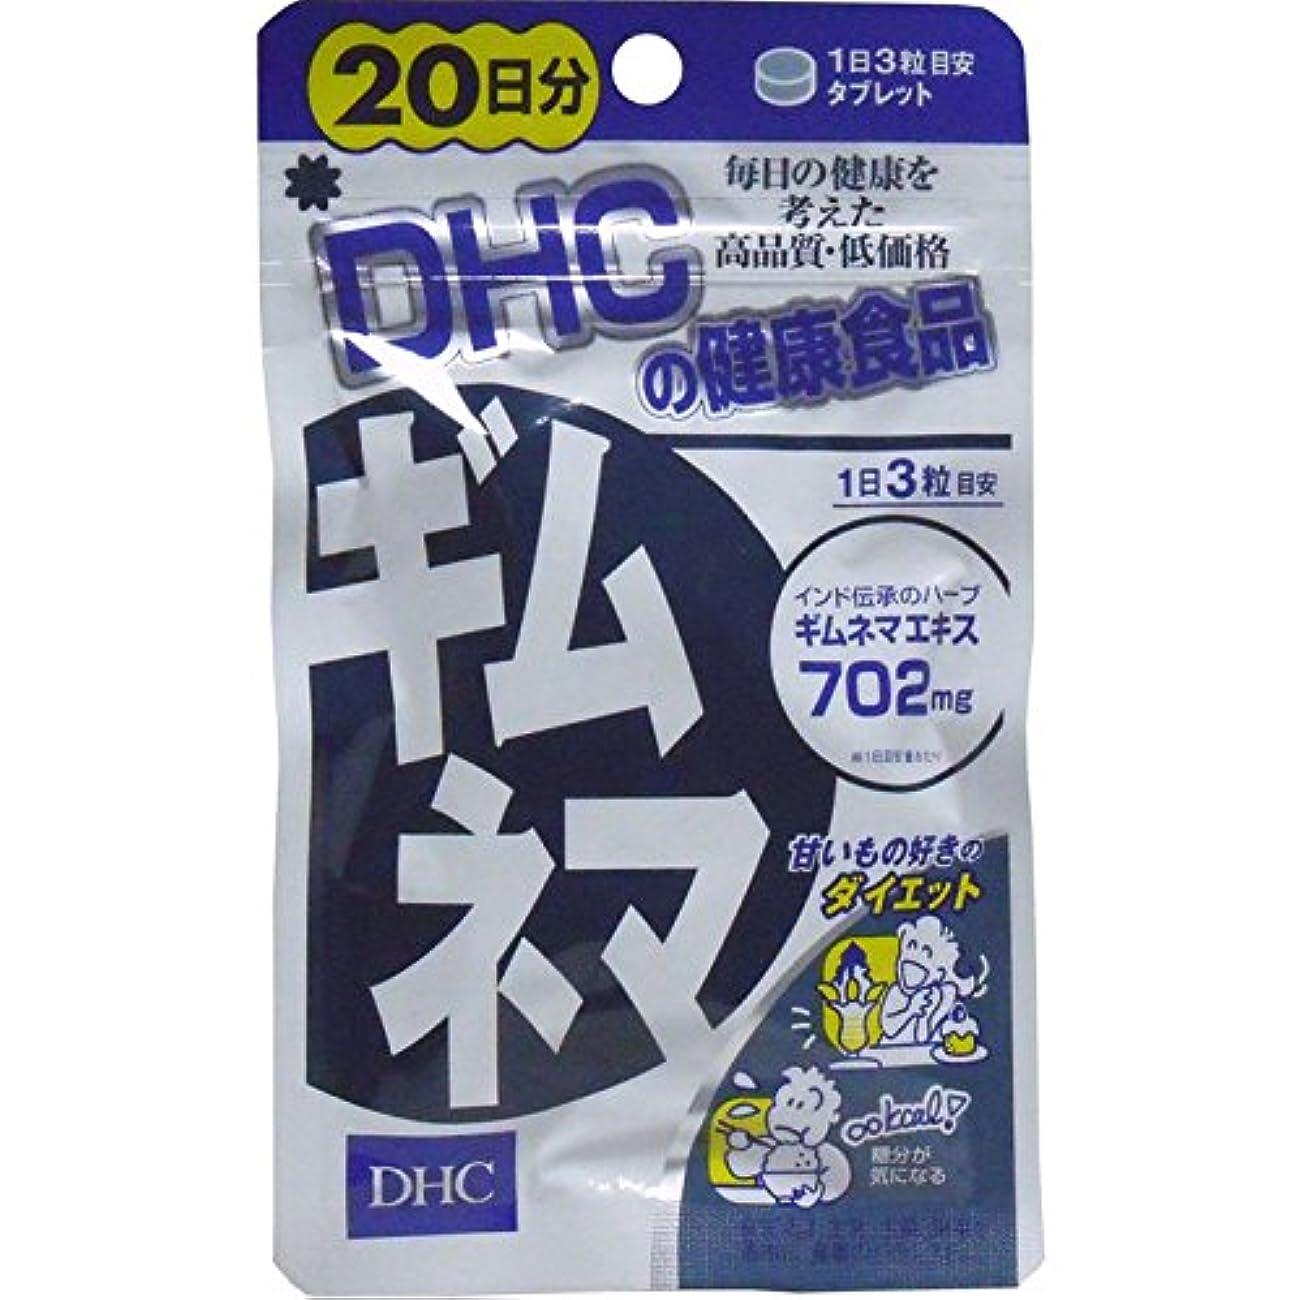 耕す高度な嵐の我慢せずに余分な糖分をブロック DHC ギムネマ 20日分 60粒